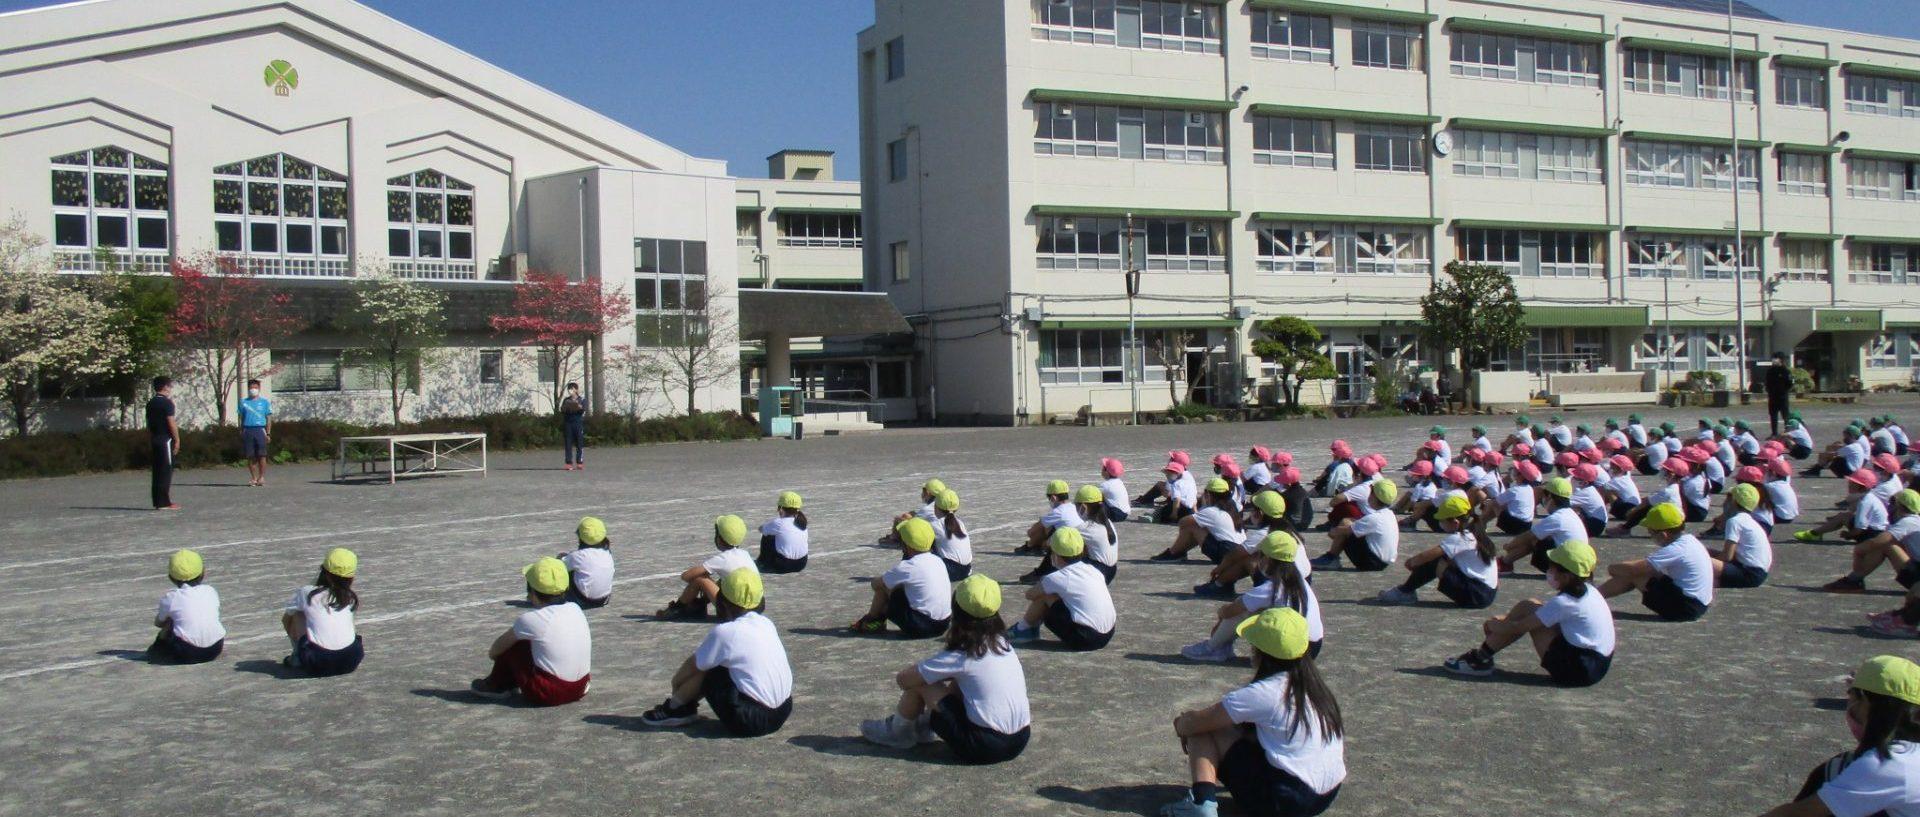 秩父市立西小学校 メインイメージ